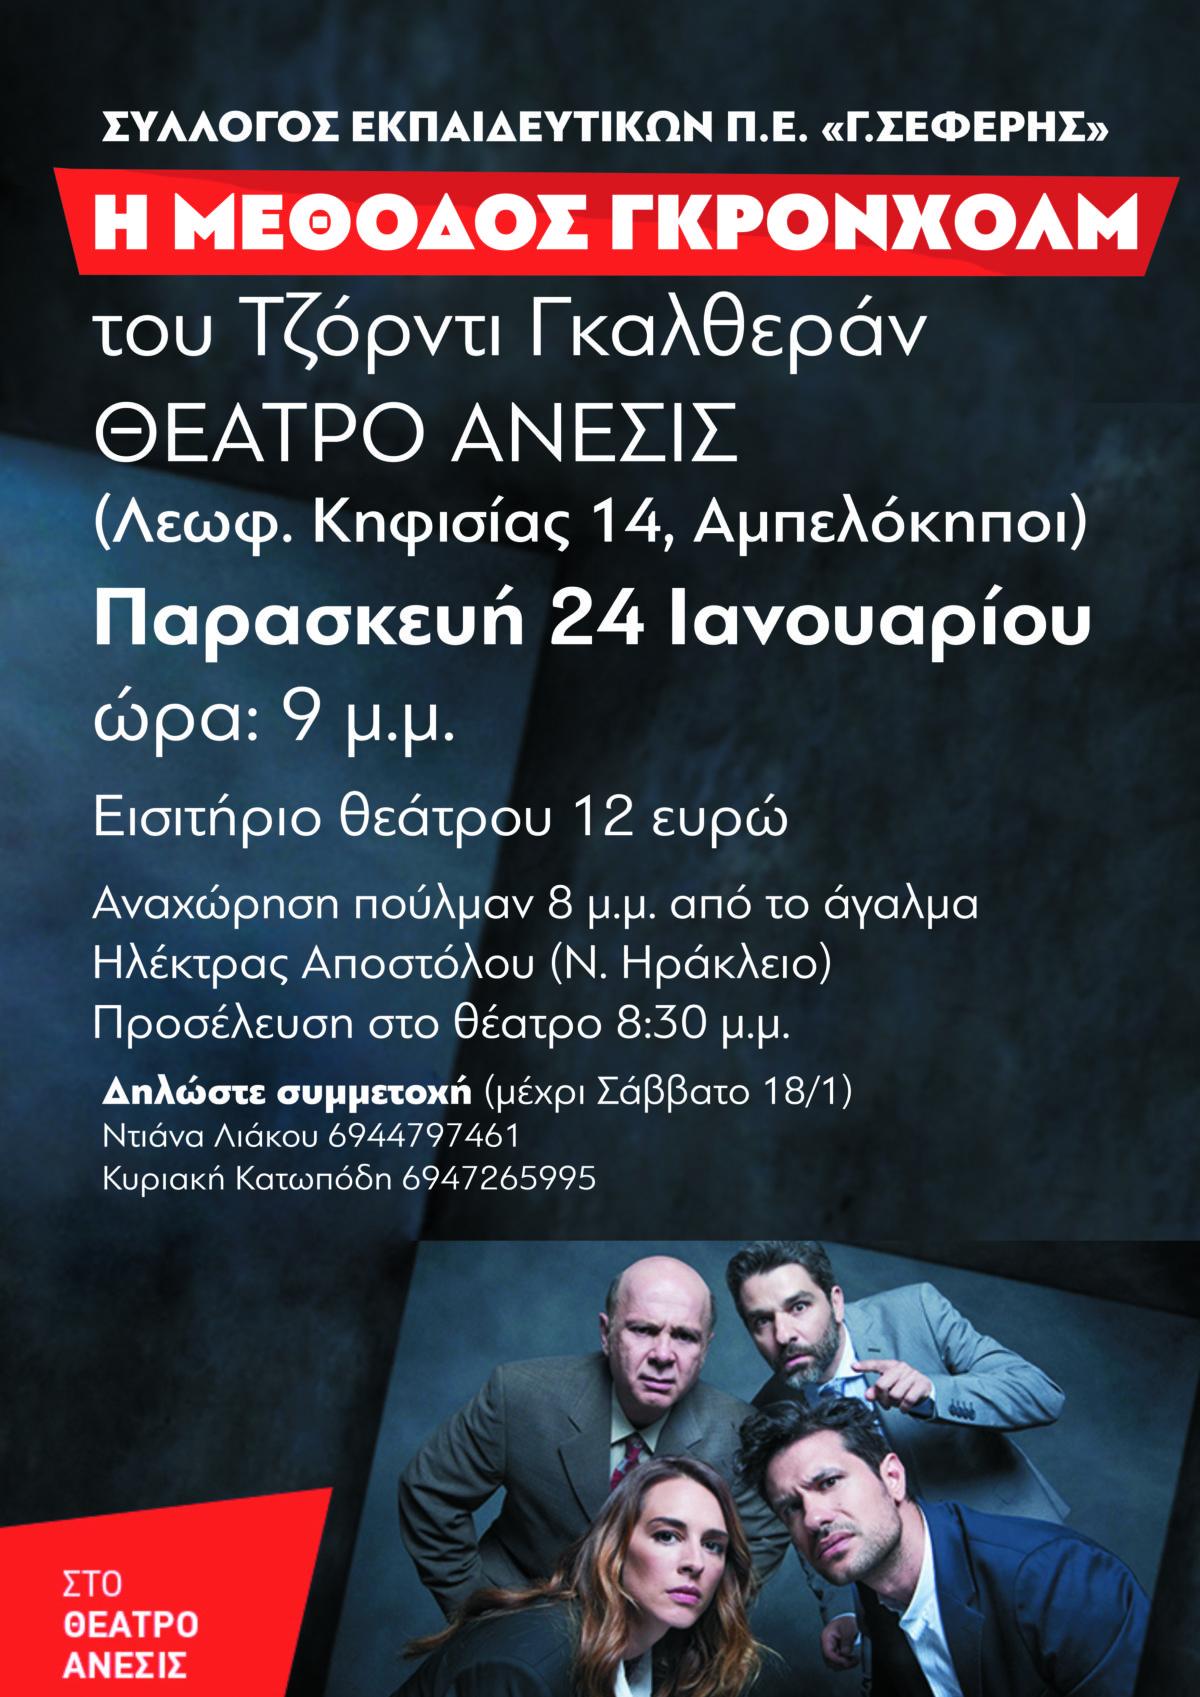 Πάμε στο θέατρο Άνεσις την Παρασκευή 24 Ιανουαρίου – Δηλώστε τις συμμετοχές σας μέχρι 18/1